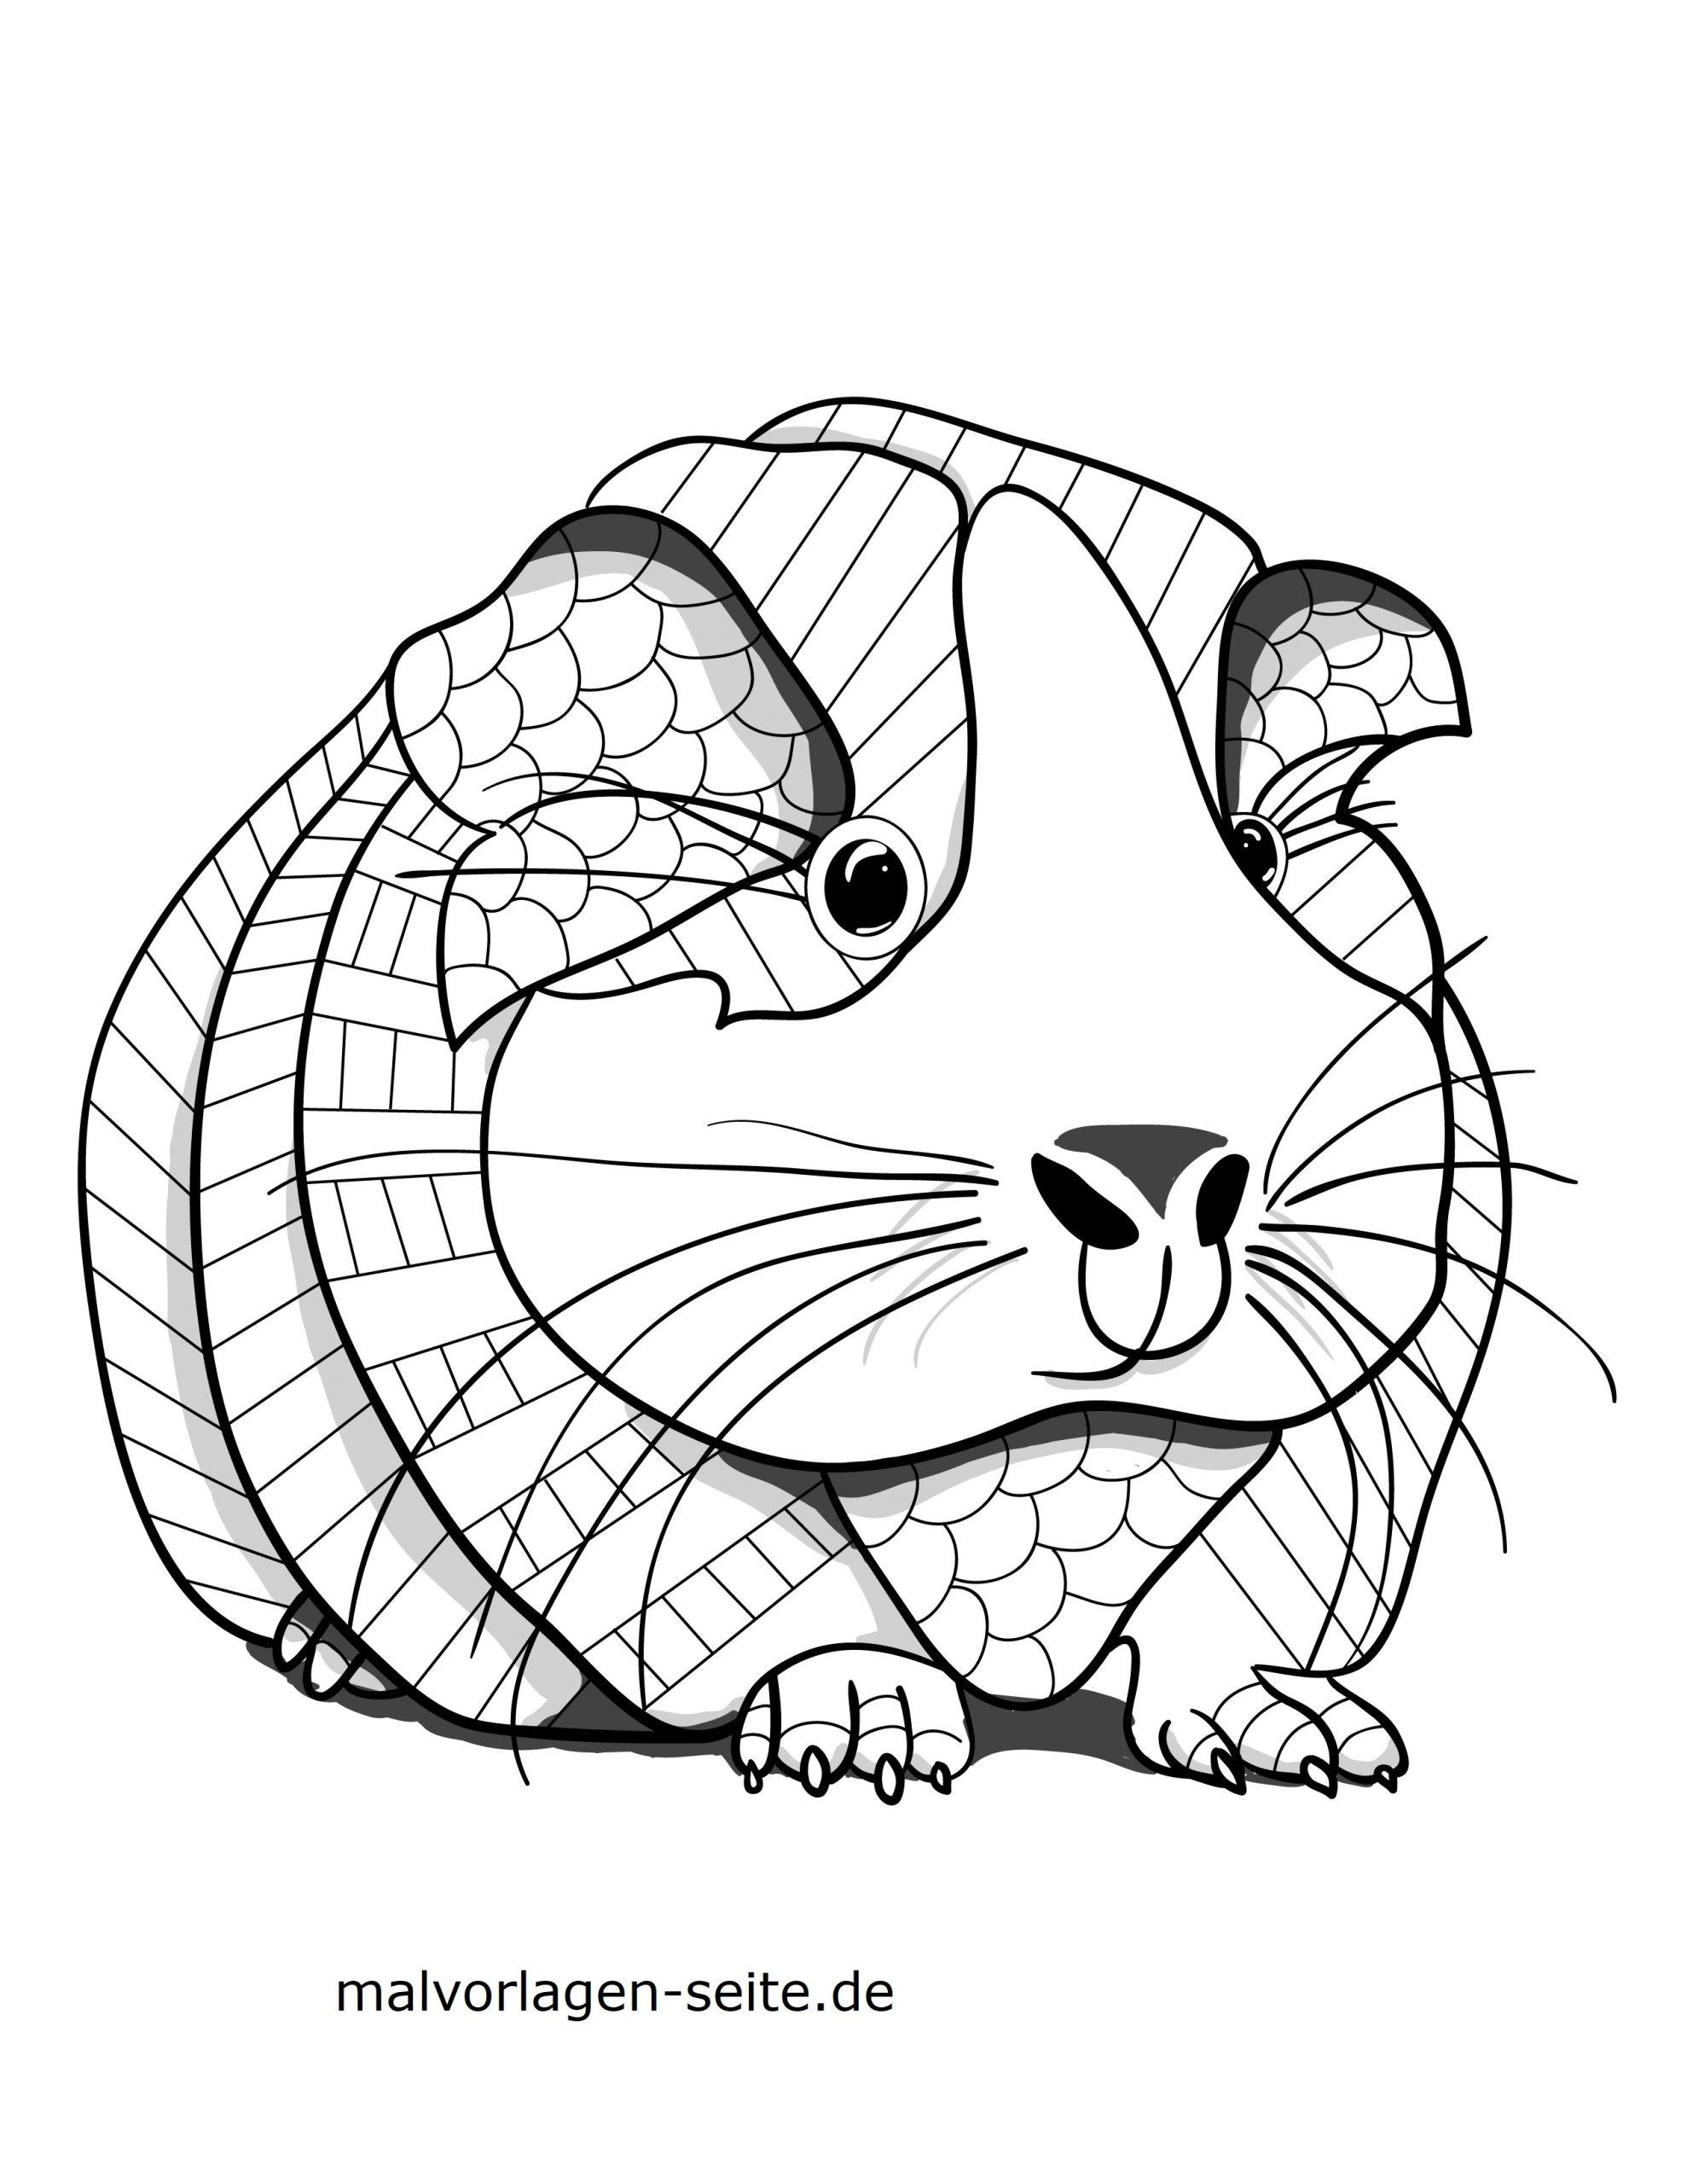 Malvorlage Tiermandala Meerschweinchen | Tiere Mandalas für Meerschweinchen Bilder Zum Ausdrucken